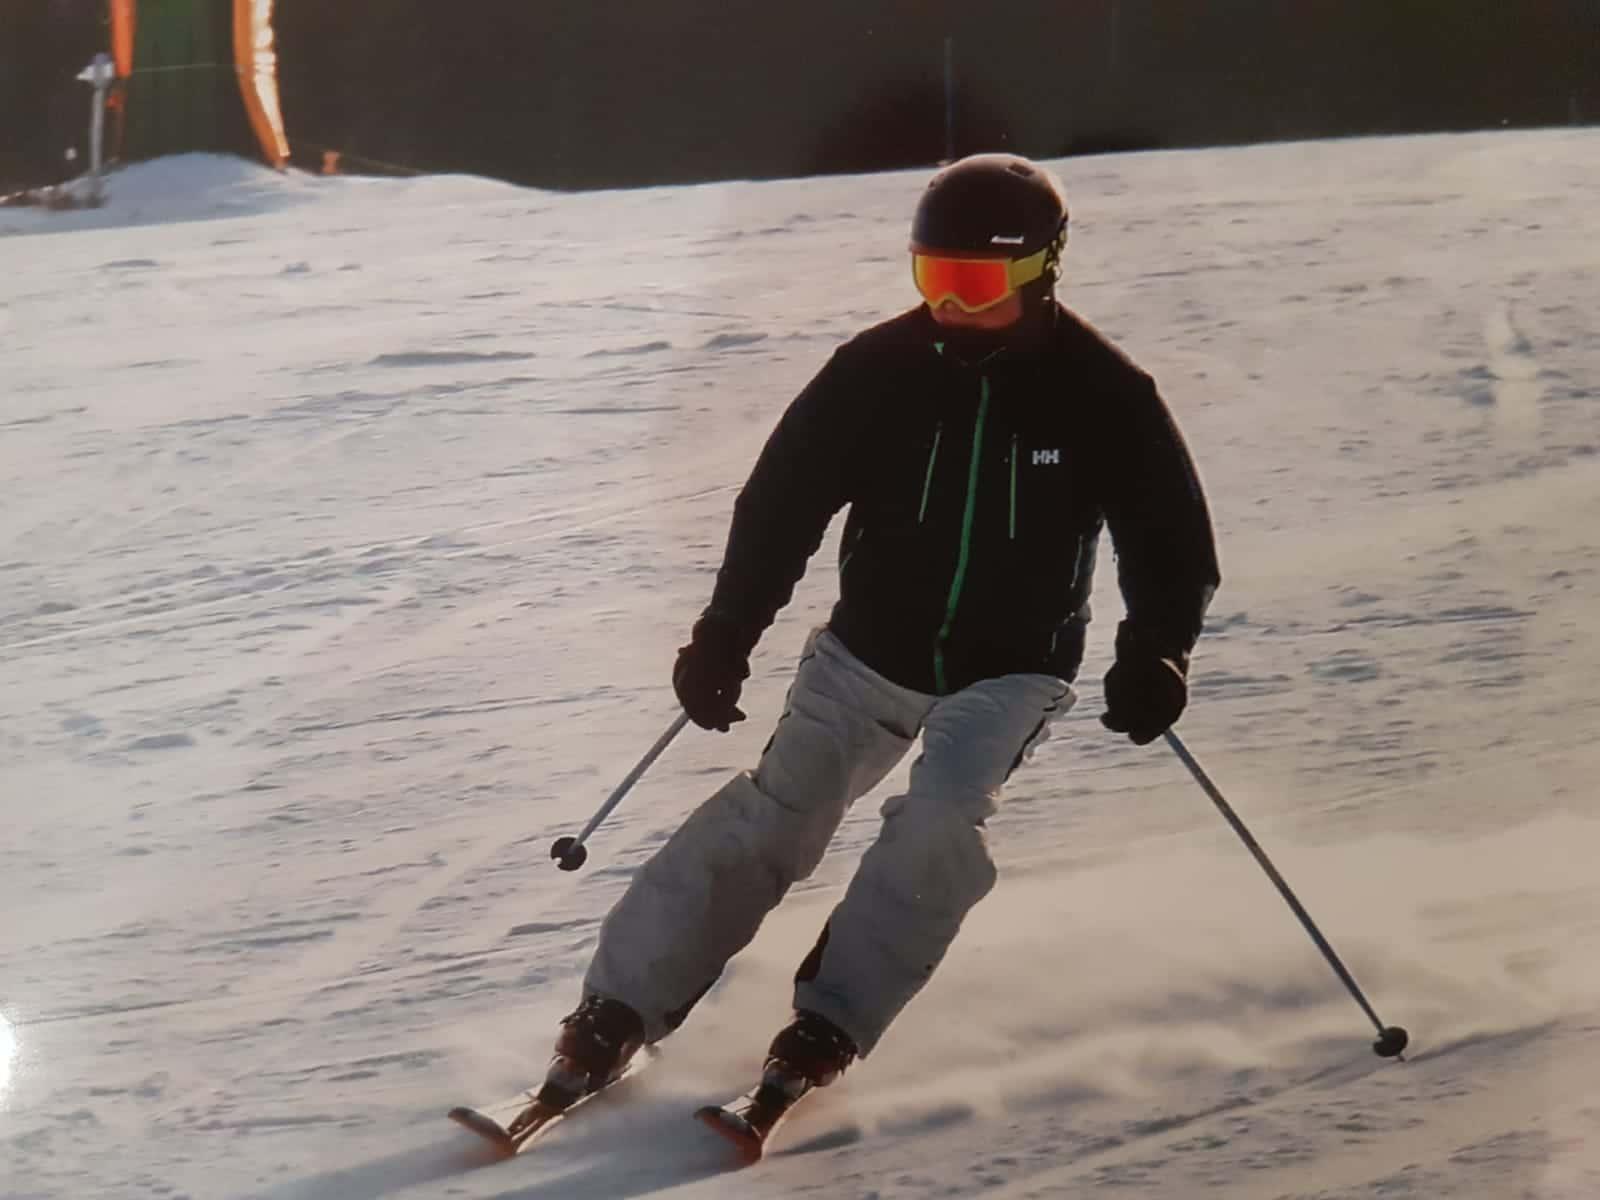 Iain skiing